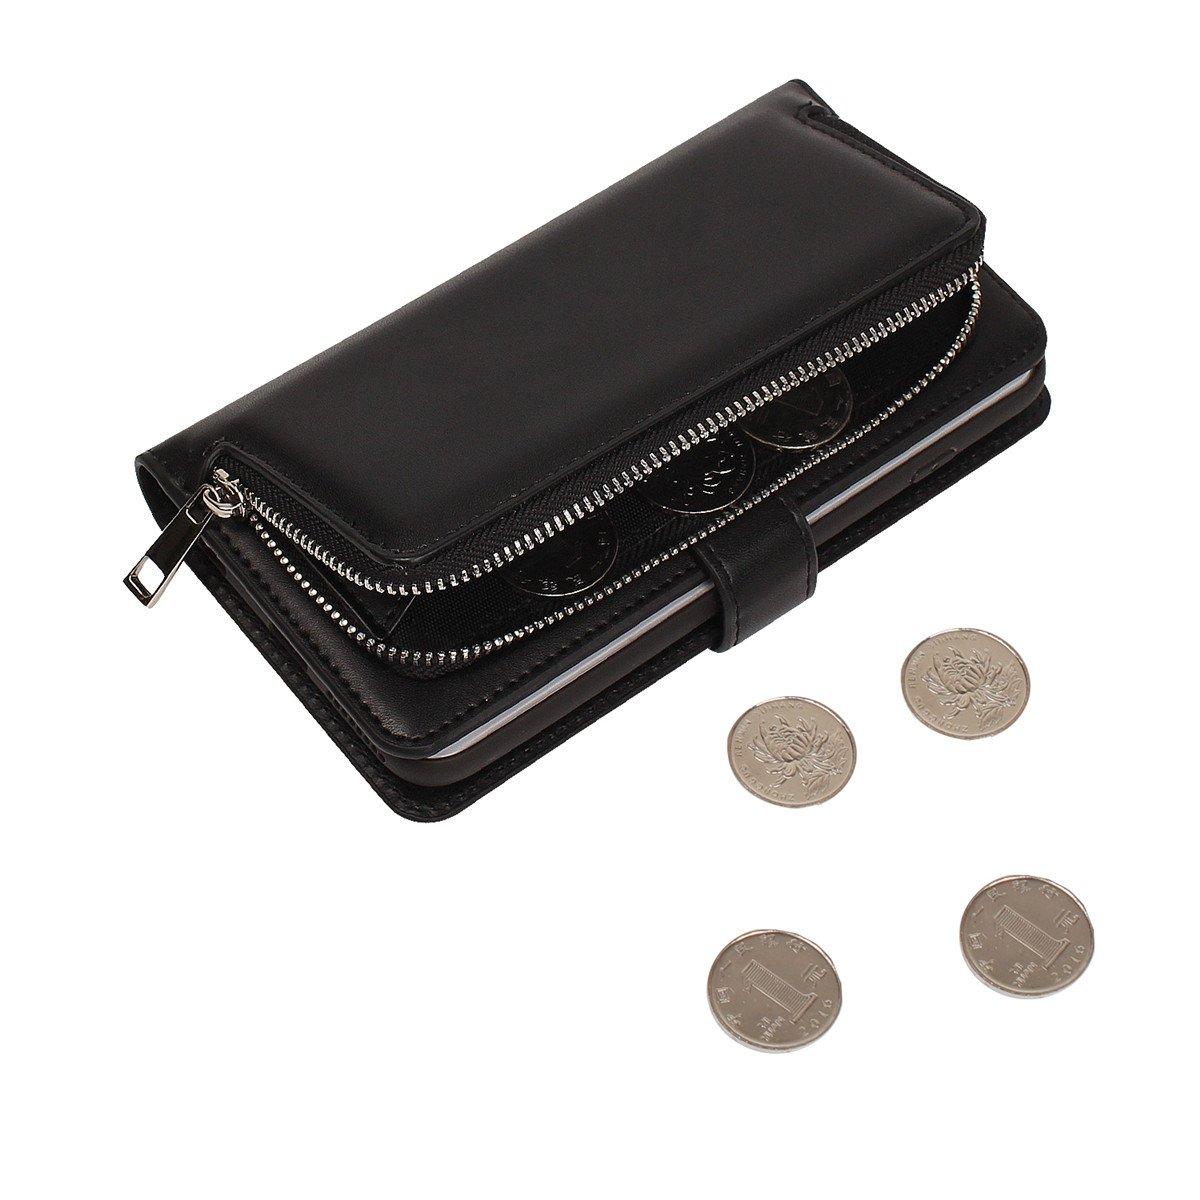 """alt""""財布と一体化したiPhoneケース"""""""